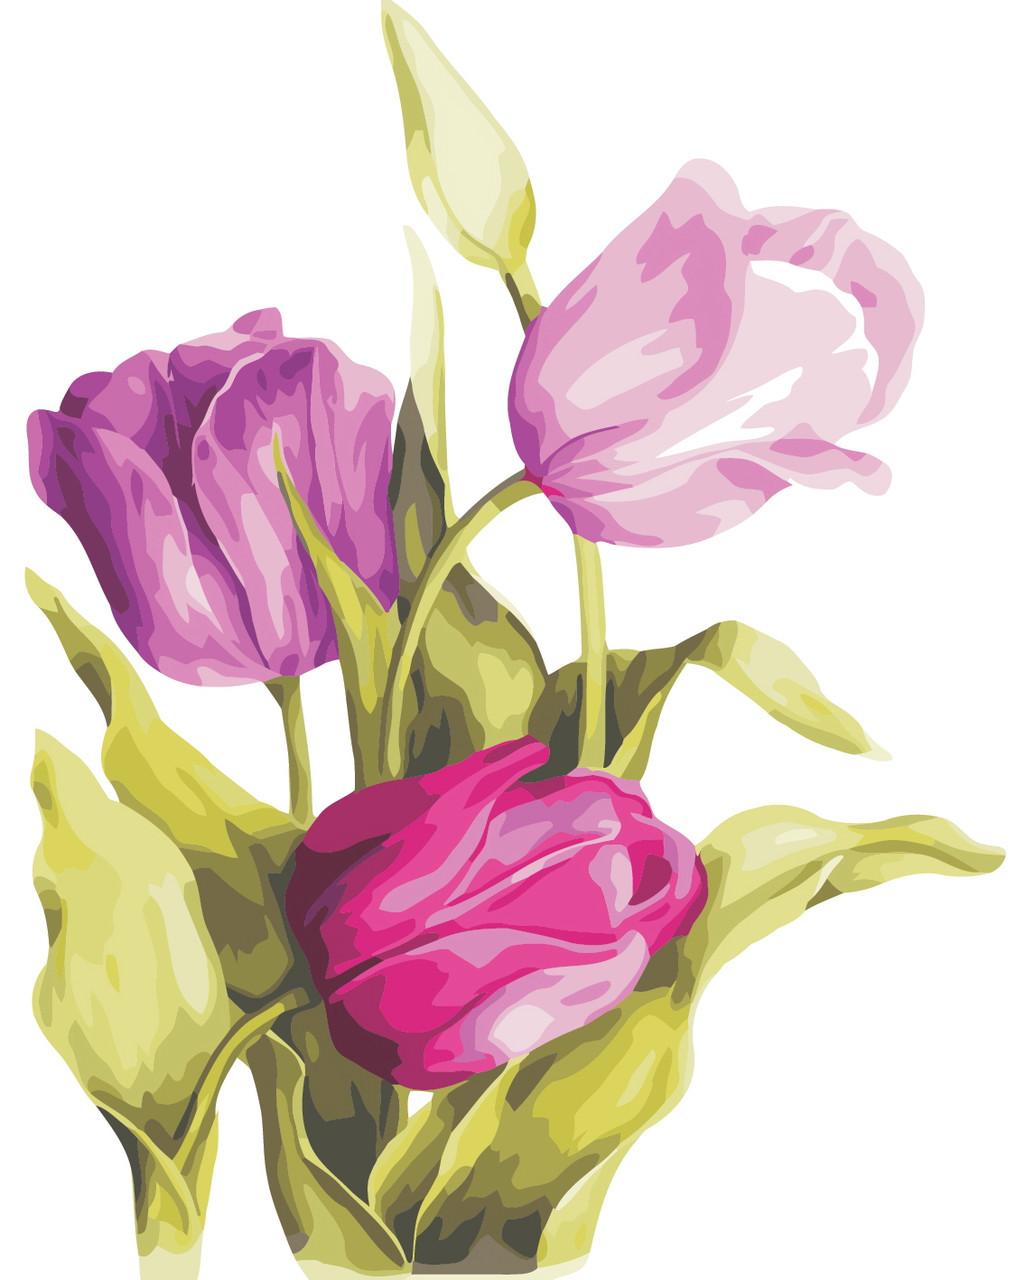 Художественный творческий набор, картина по номерам Нежные тюльпаны, 40x50 см, «Art Story» (AS0329)